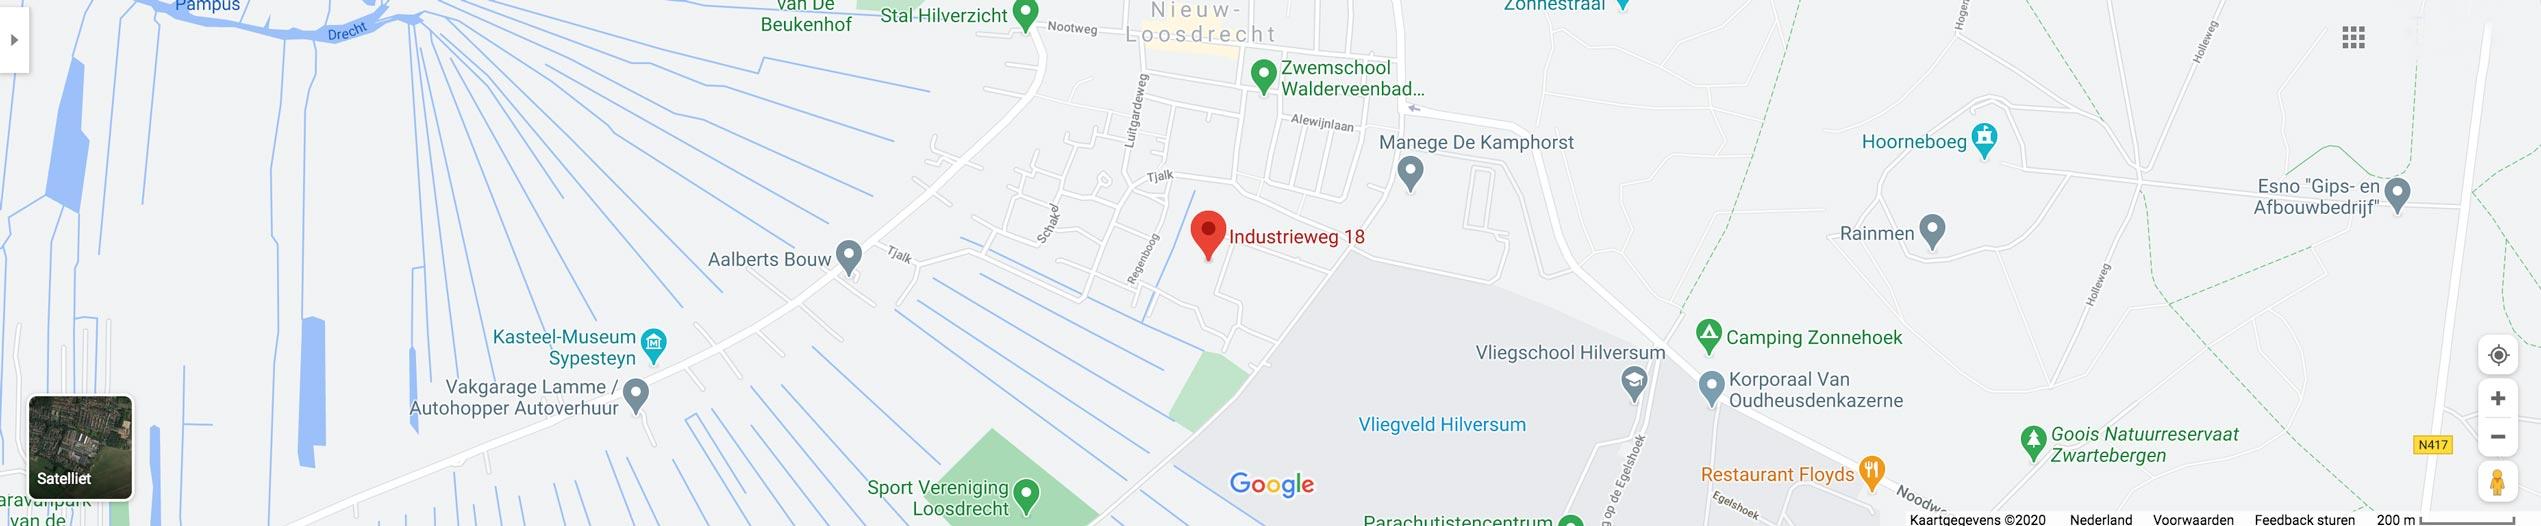 Van de Bor Montage op Google Maps